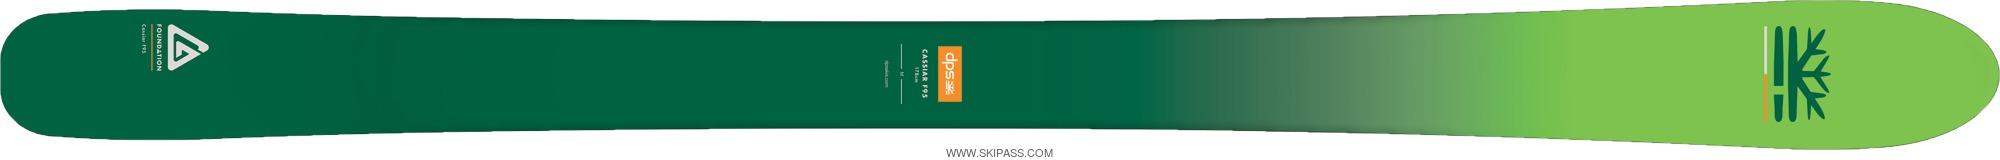 DPS cassiar 95 foundation